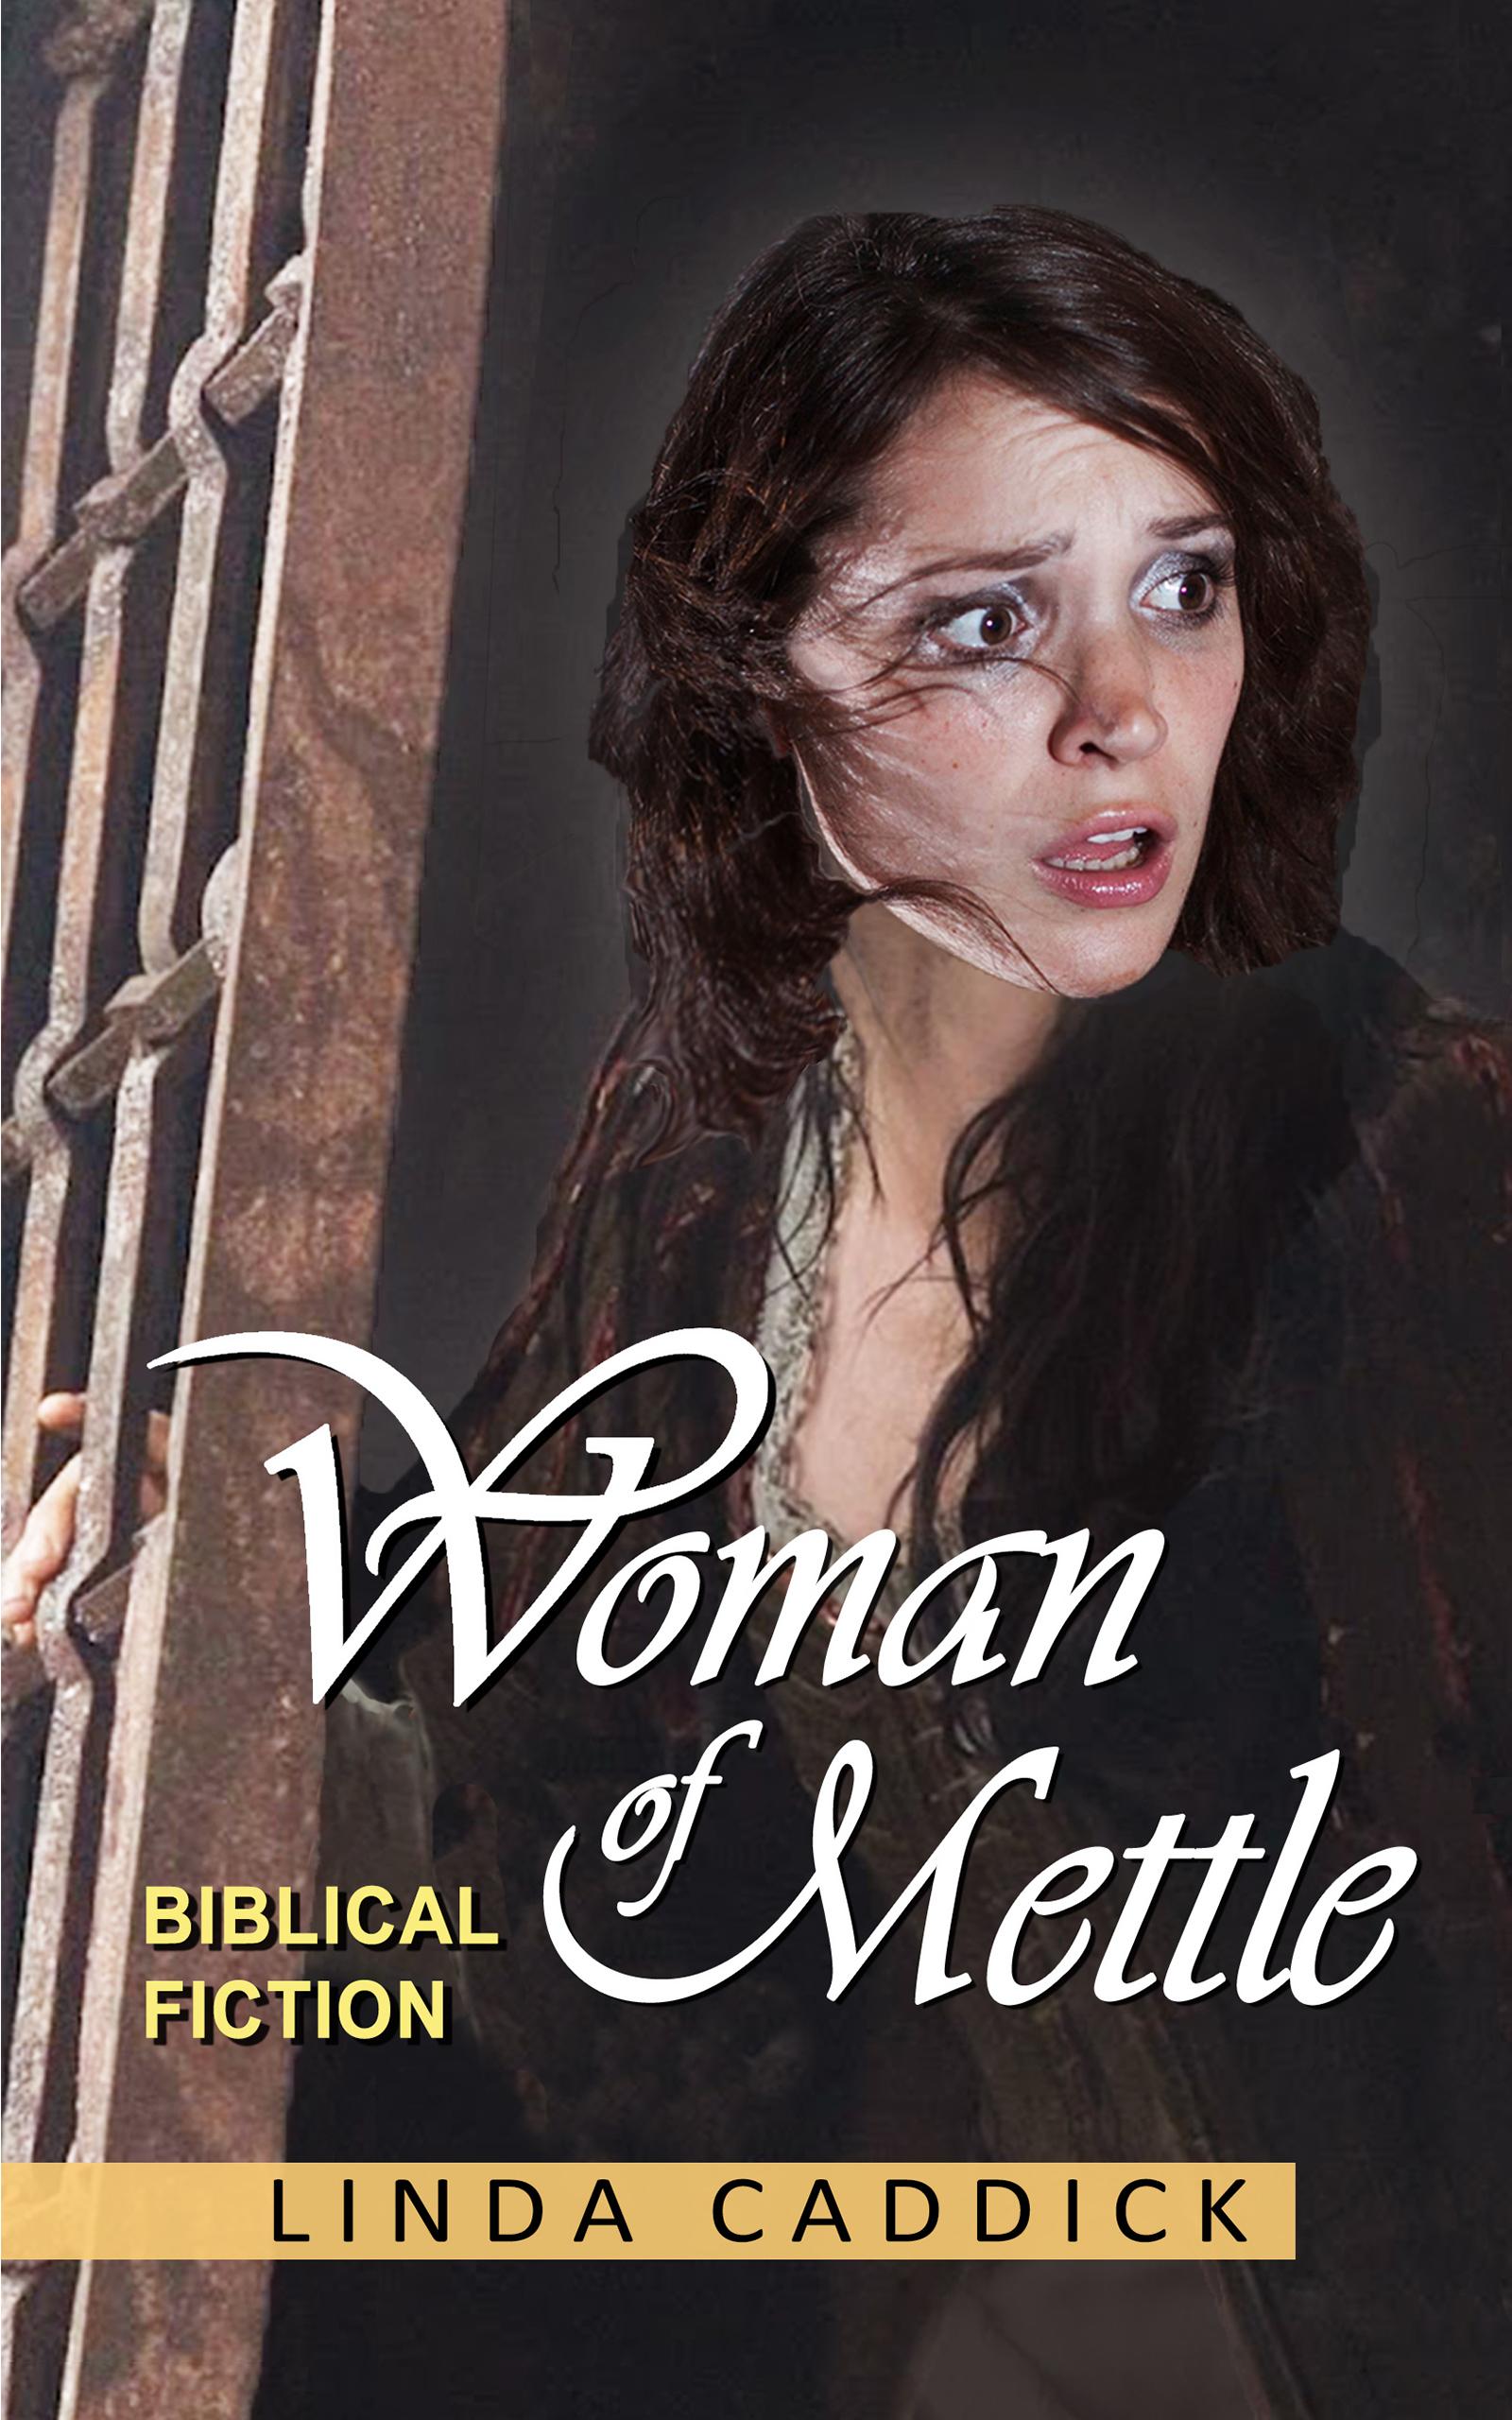 WOMAN OF METTLE